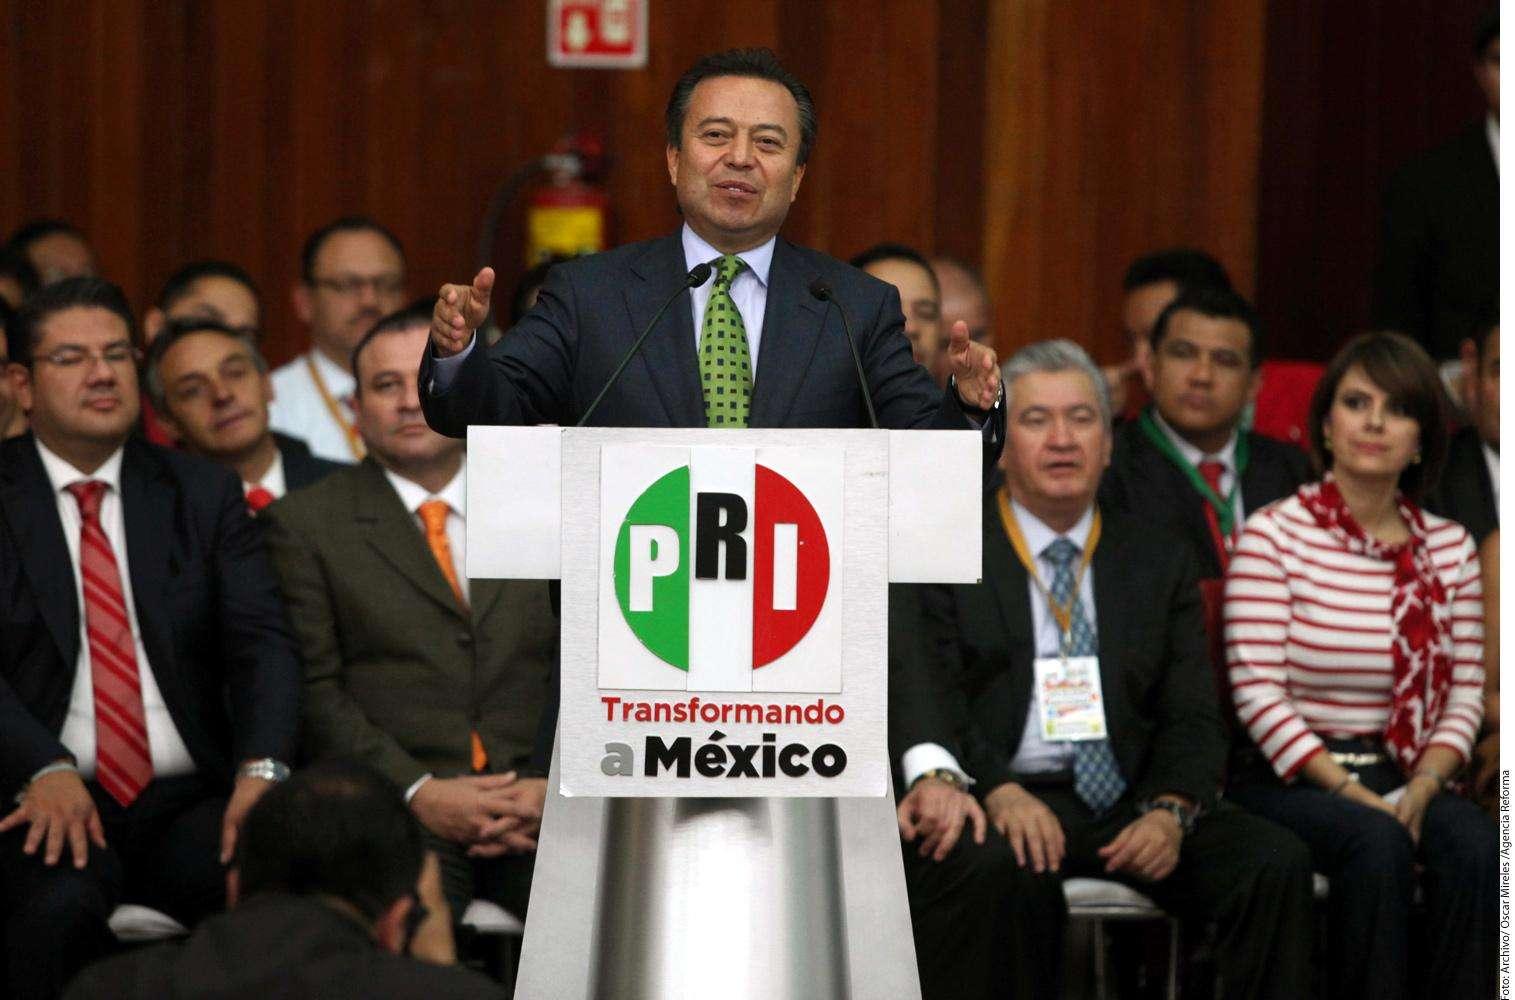 César Camacho Foto: Agencia Reforma